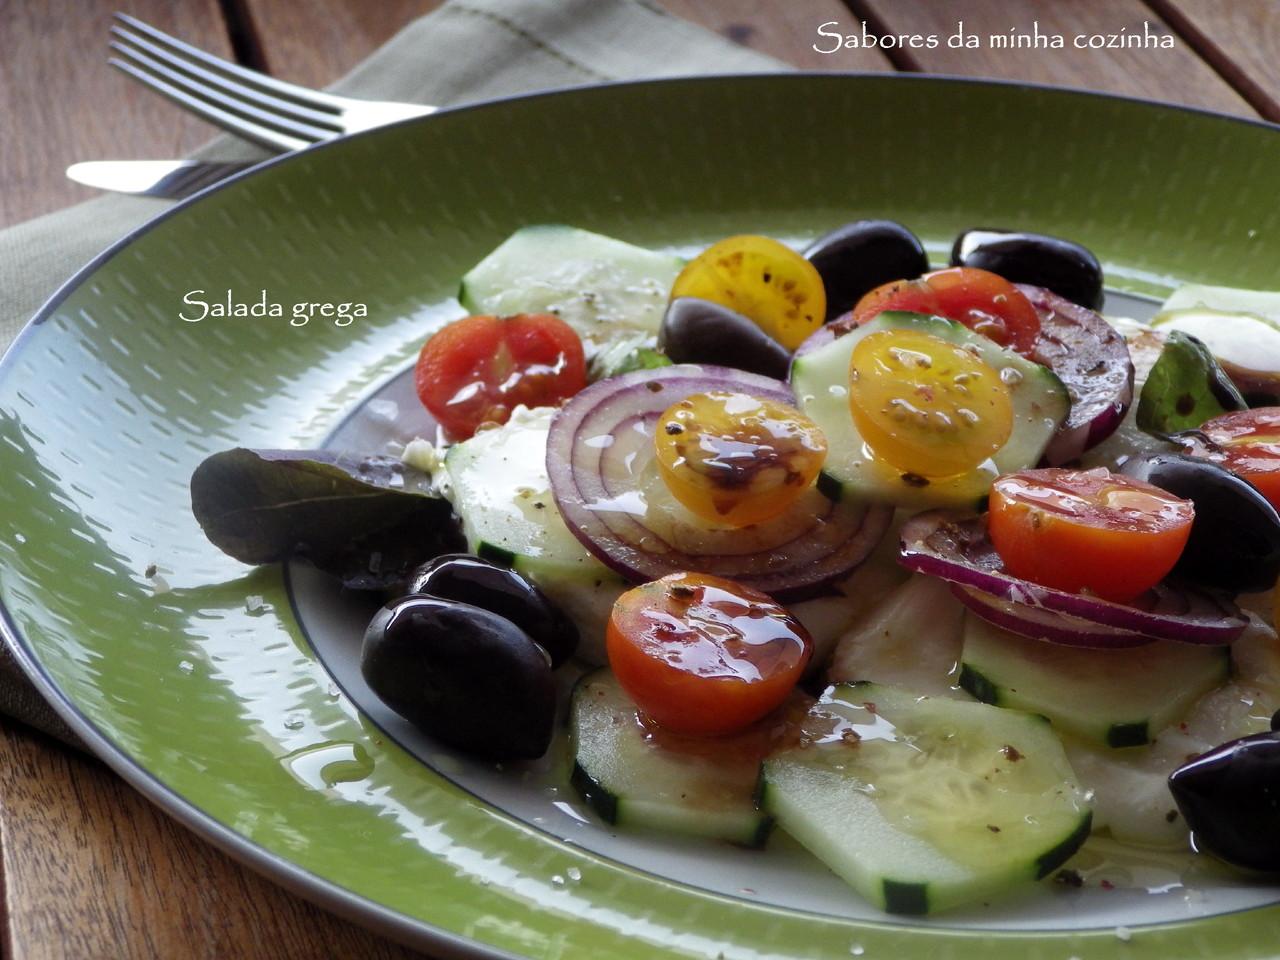 IMGP5019- Salada grega-Blog.JPG